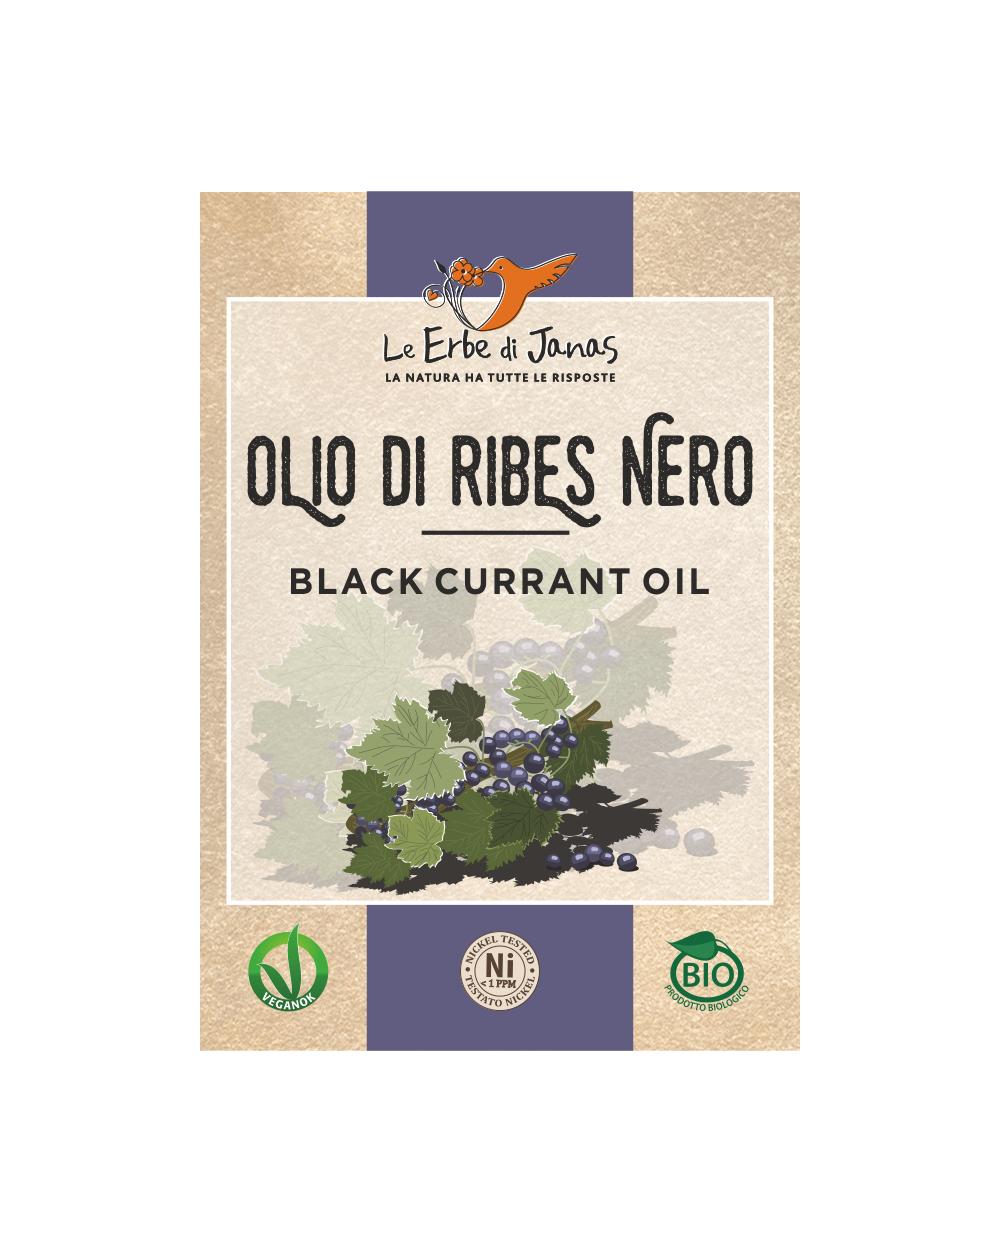 Le Erbe di Janas - Olio di ribes nero